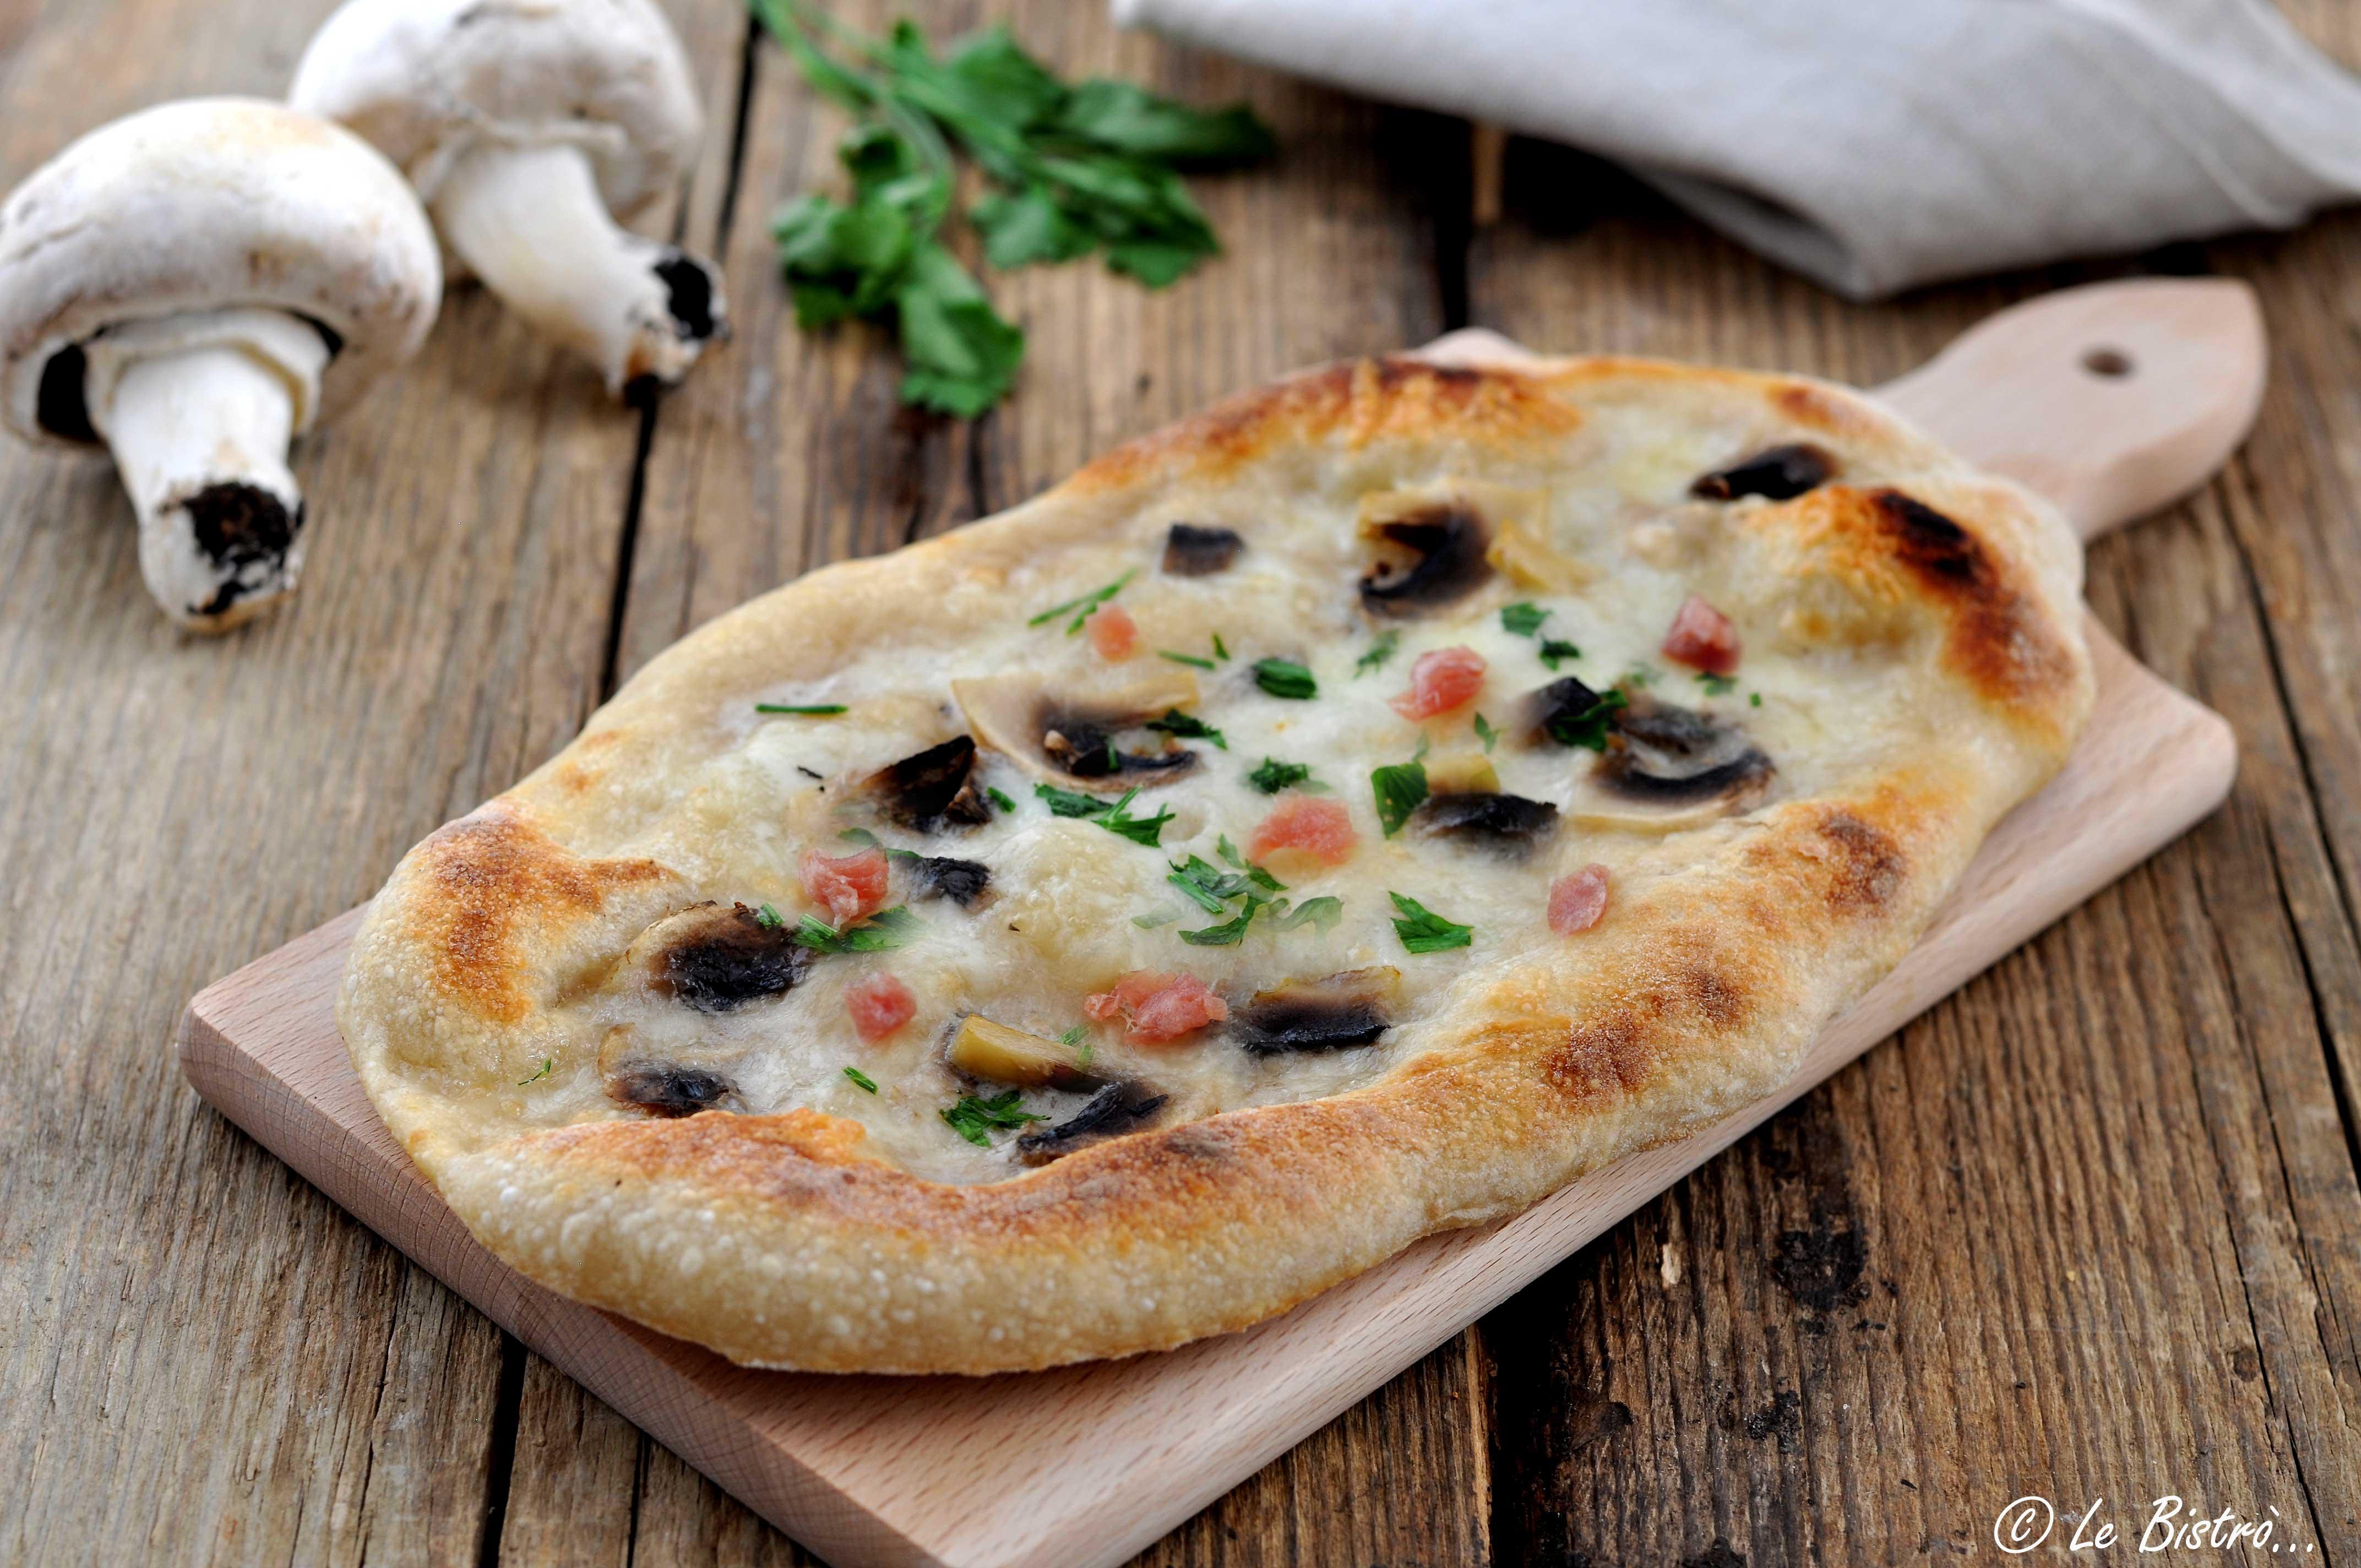 Pizza alla pala con funghi e speck, impasto con lievito madre